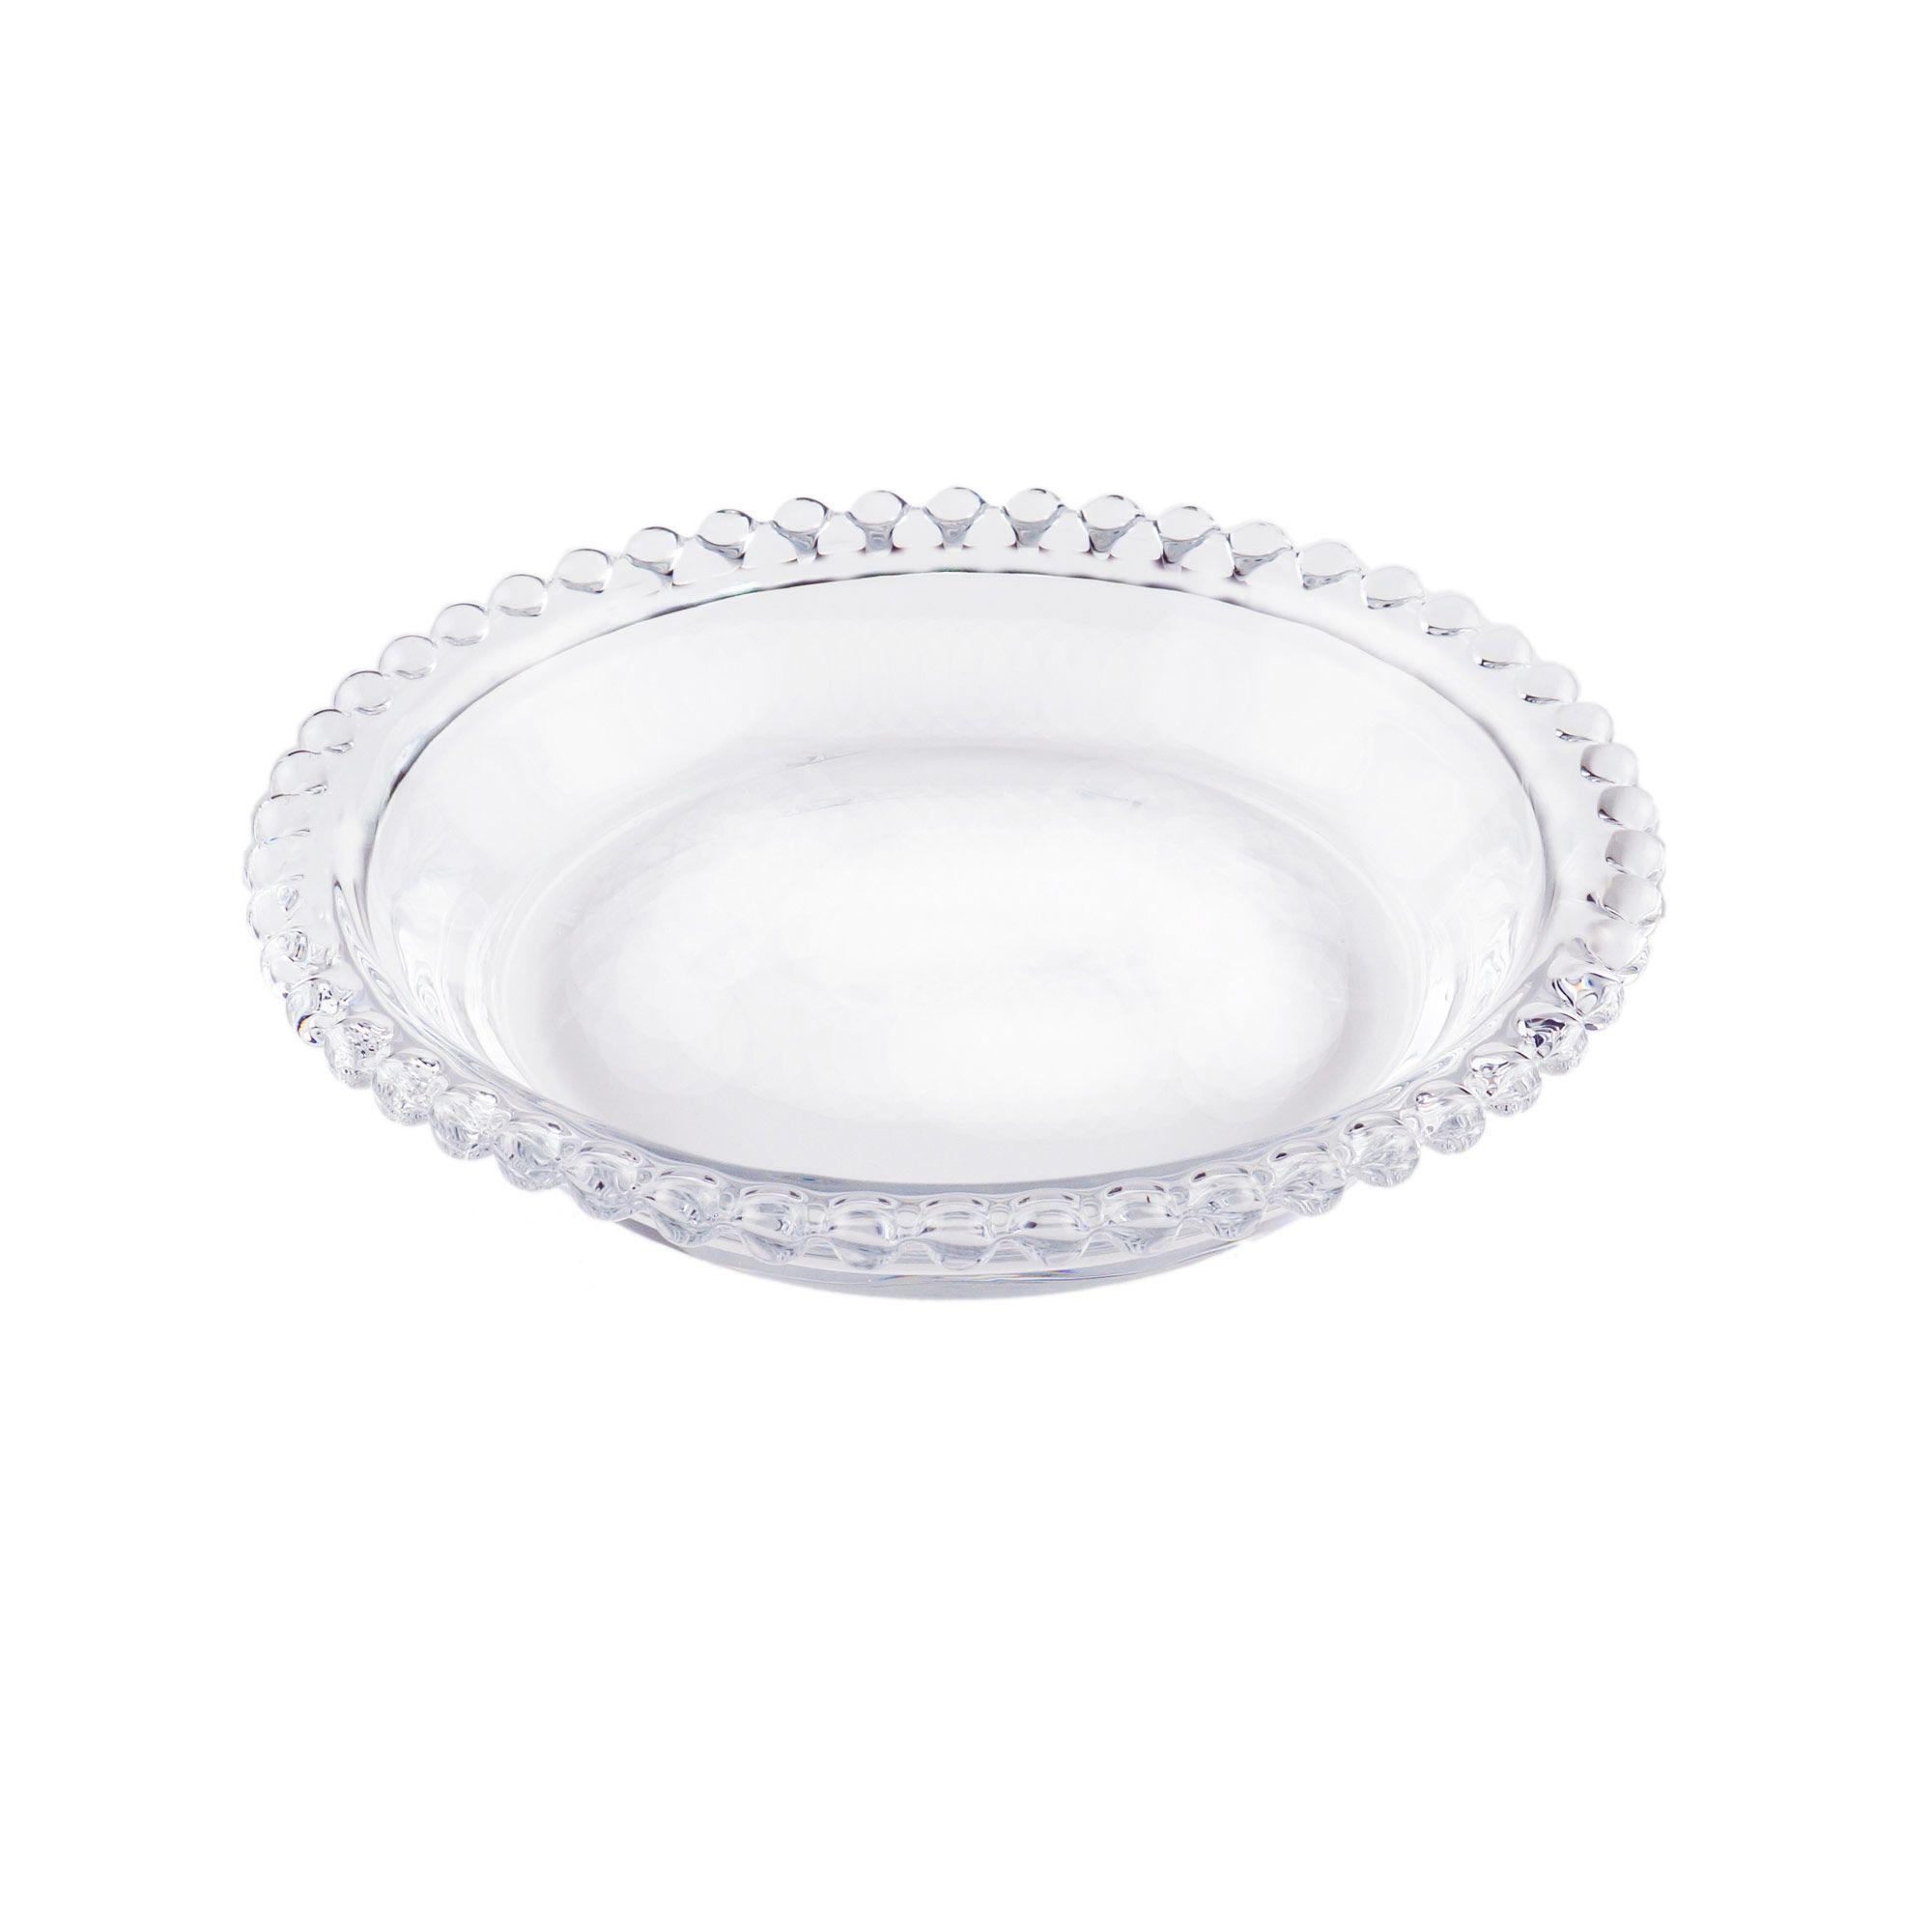 Jogo 4 pratos 14 cm para sobremesa de cristal transparente Pearl Wolff - 27892